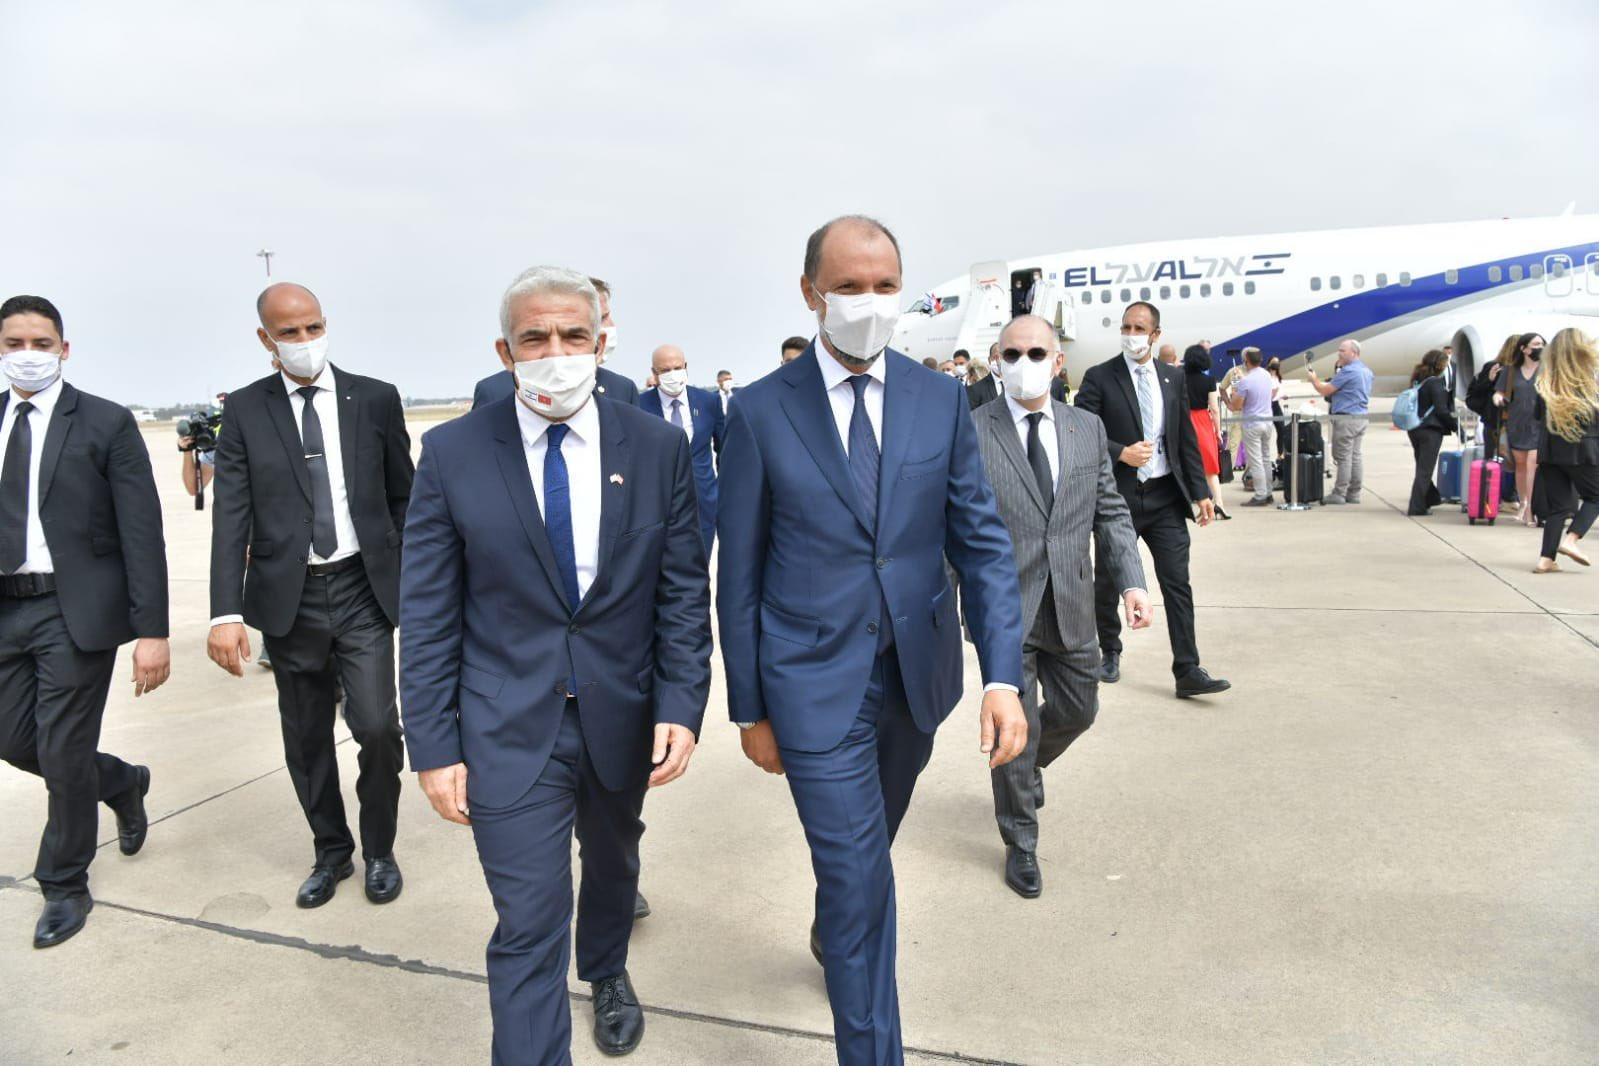 (شاهد) وزير خارجية إسرائيل أسعد ما يكون بزيارته للمغرب وهذا ما كتبه على قبر محمد الخامس